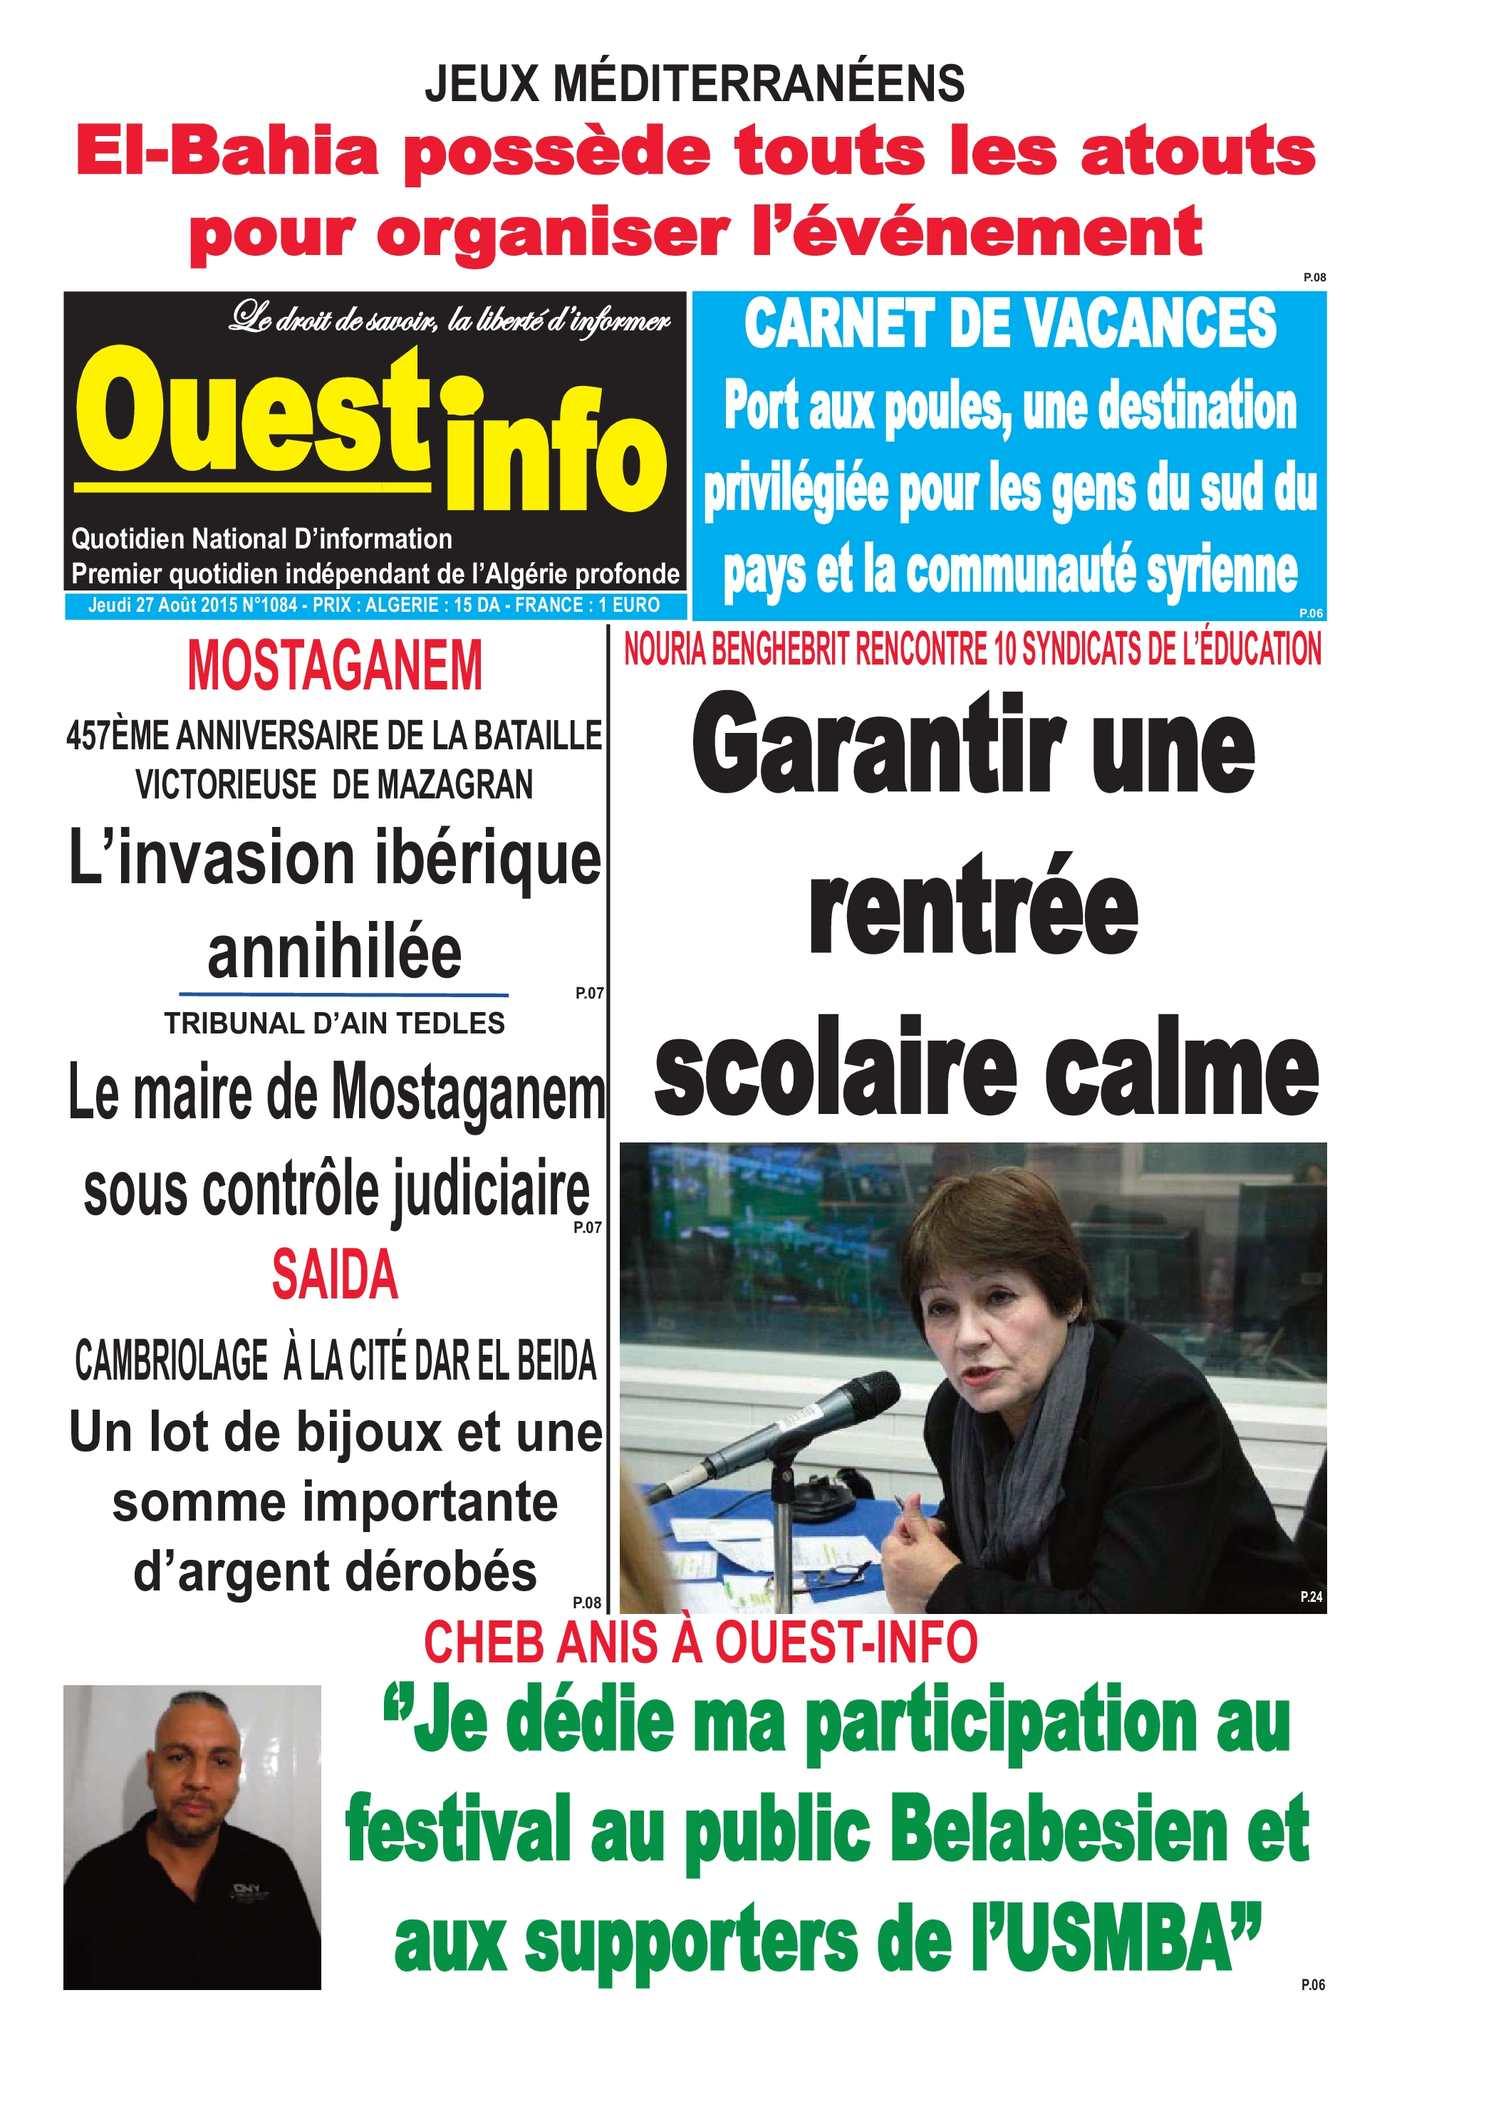 CHEB 2009 GRATUITEMENT ANIS TÉLÉCHARGER